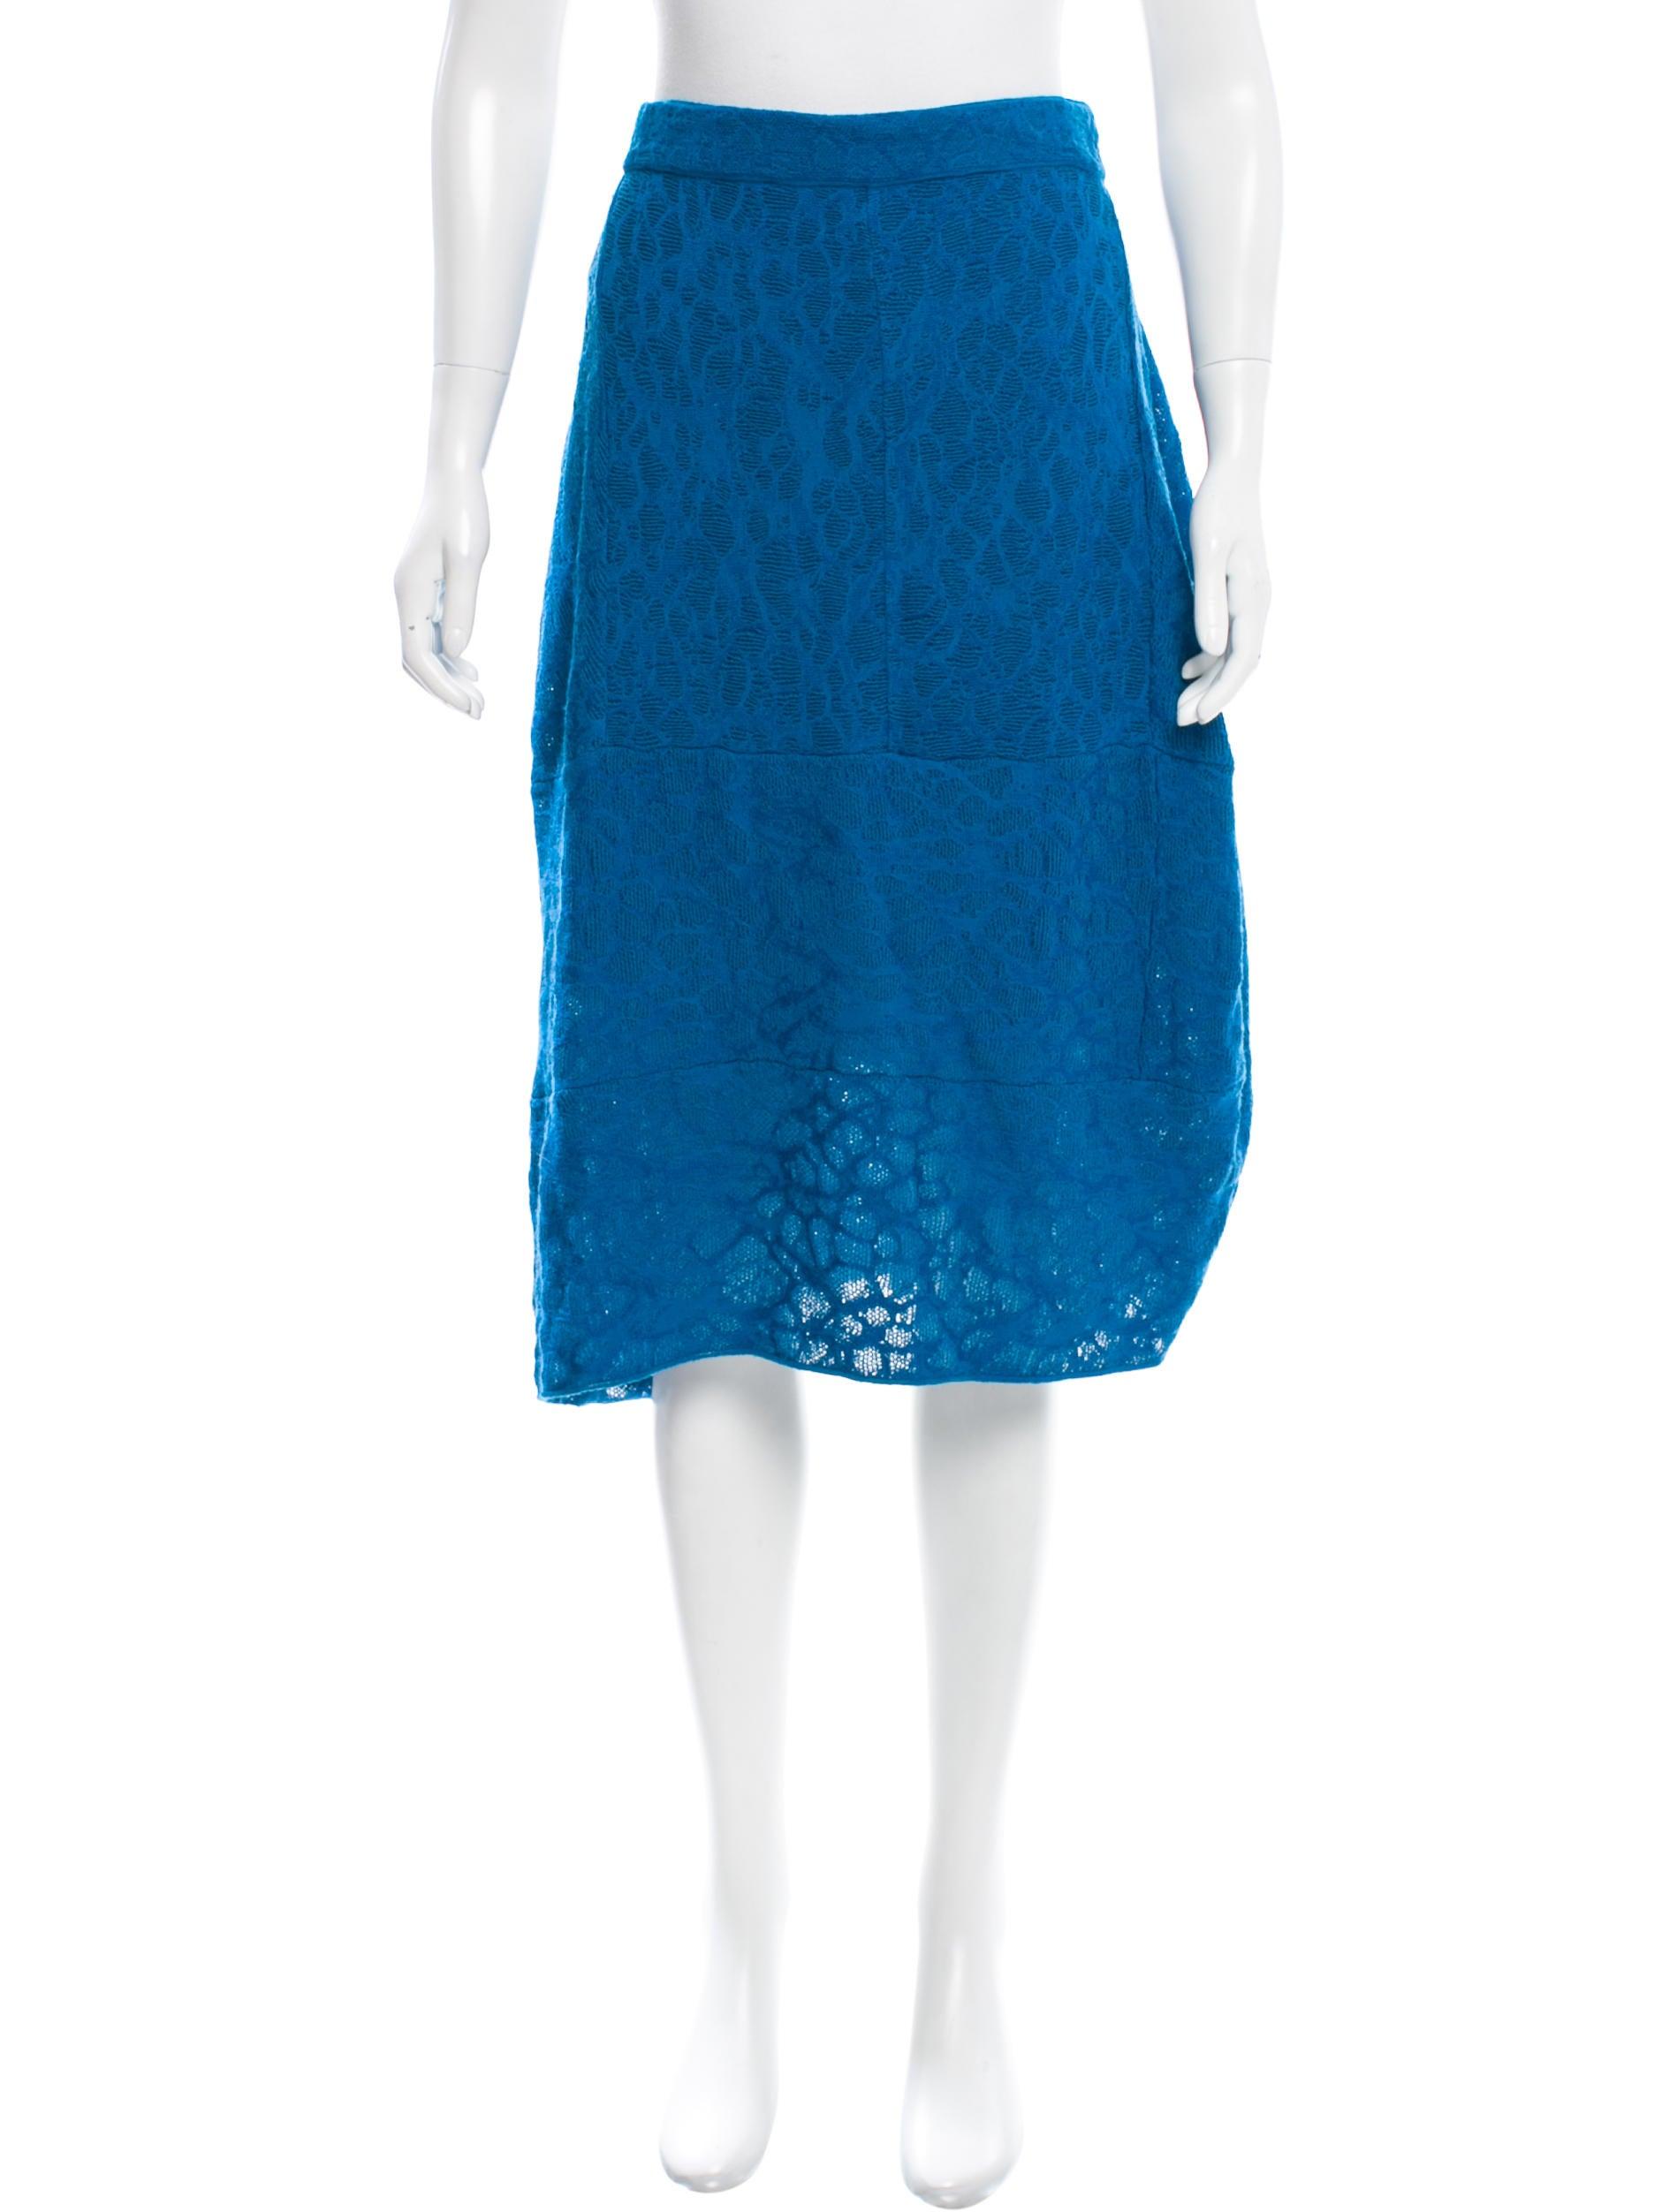 m missoni knit knee length skirt clothing wm438192